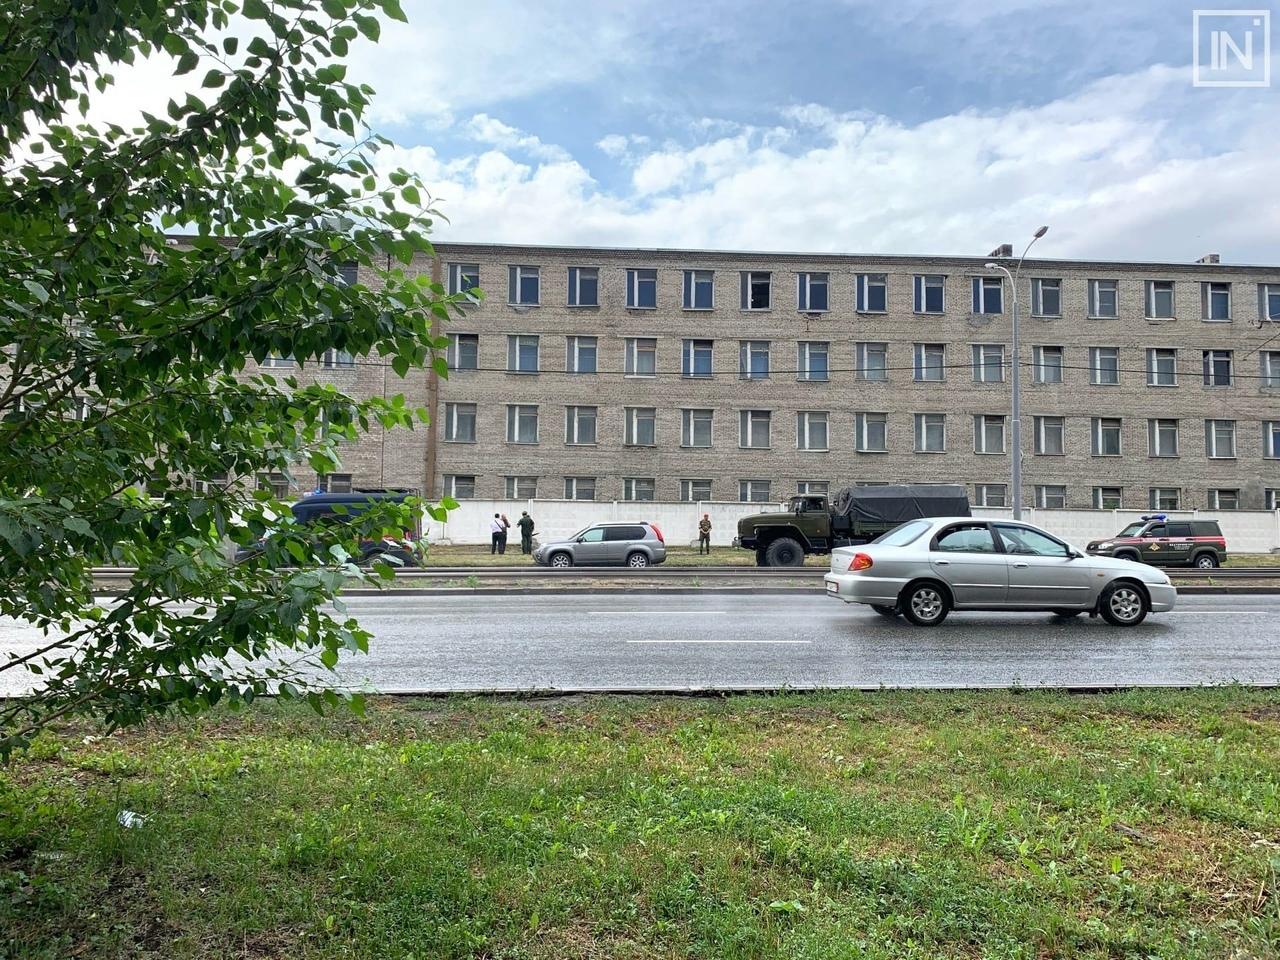 У омского солдата, погибшего в Екатеринбурге, перед трагедией случился конфликт #Новости #Общество #Омск